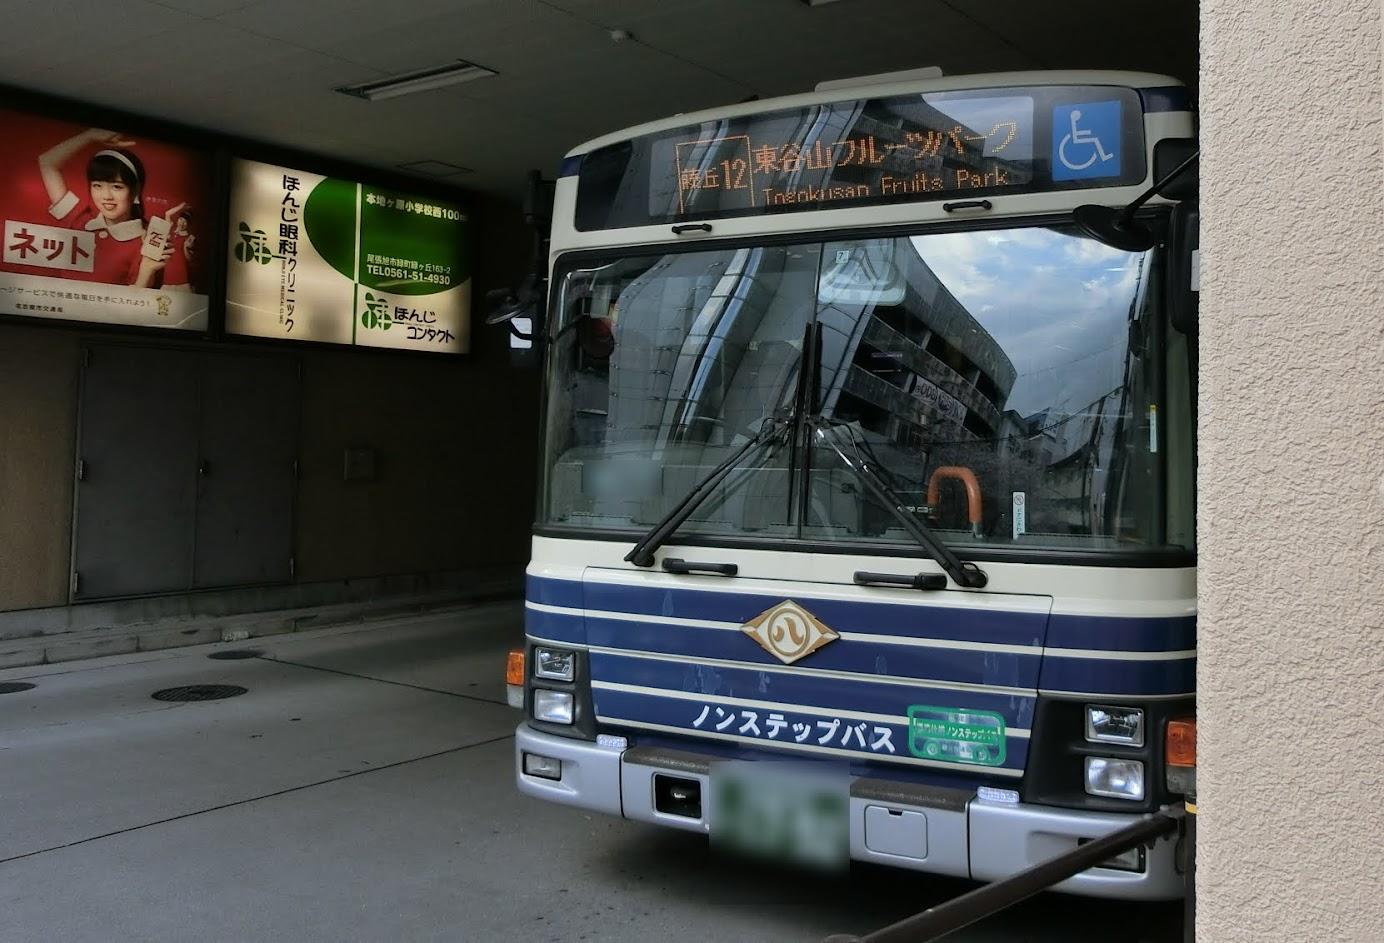 藤が丘バスターミナルから出発する東谷山フルーツパーク行きバス